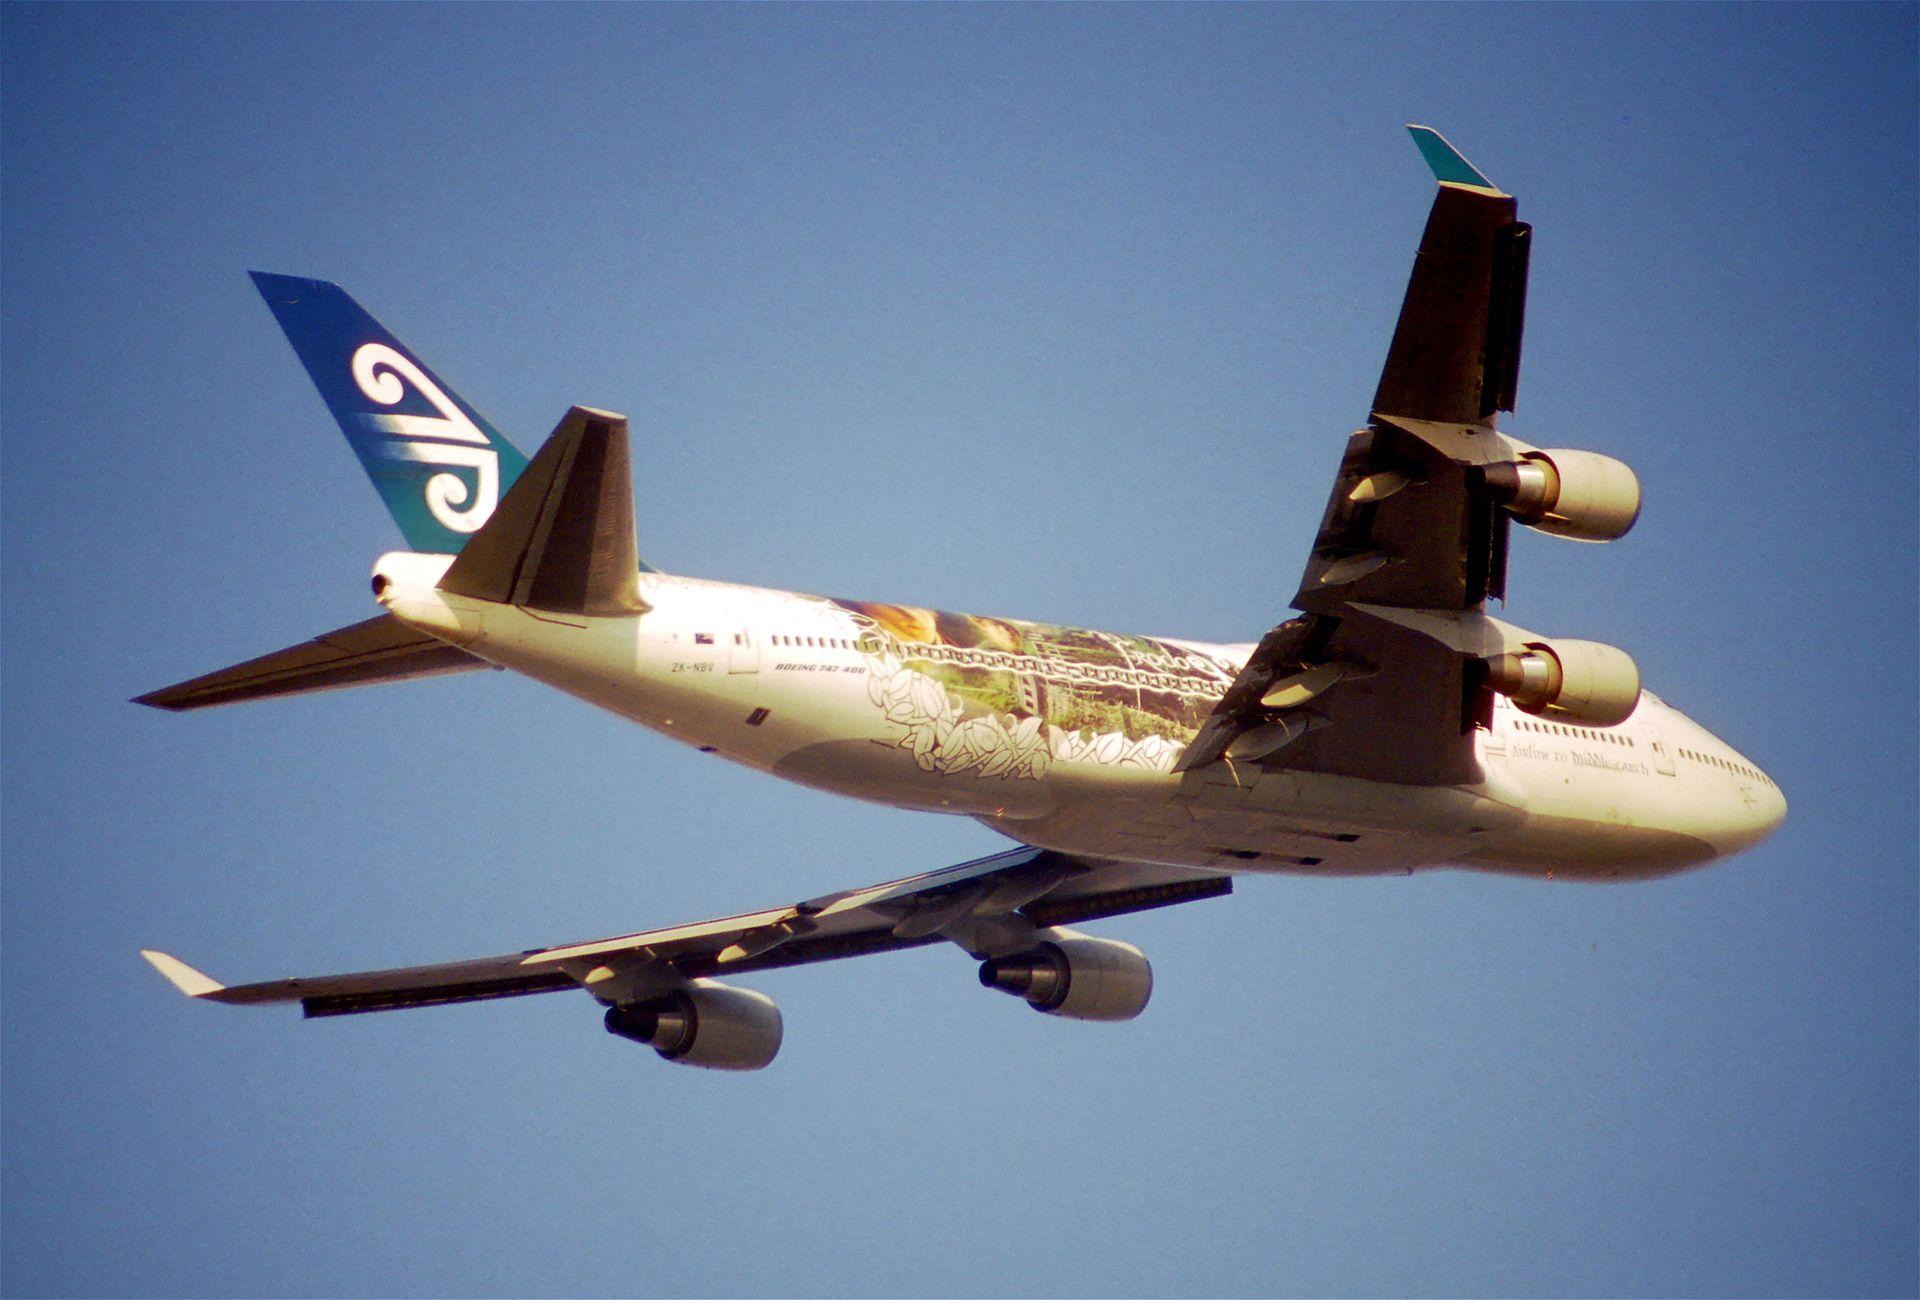 Foto: (Aero Icarus/Wikimedia)